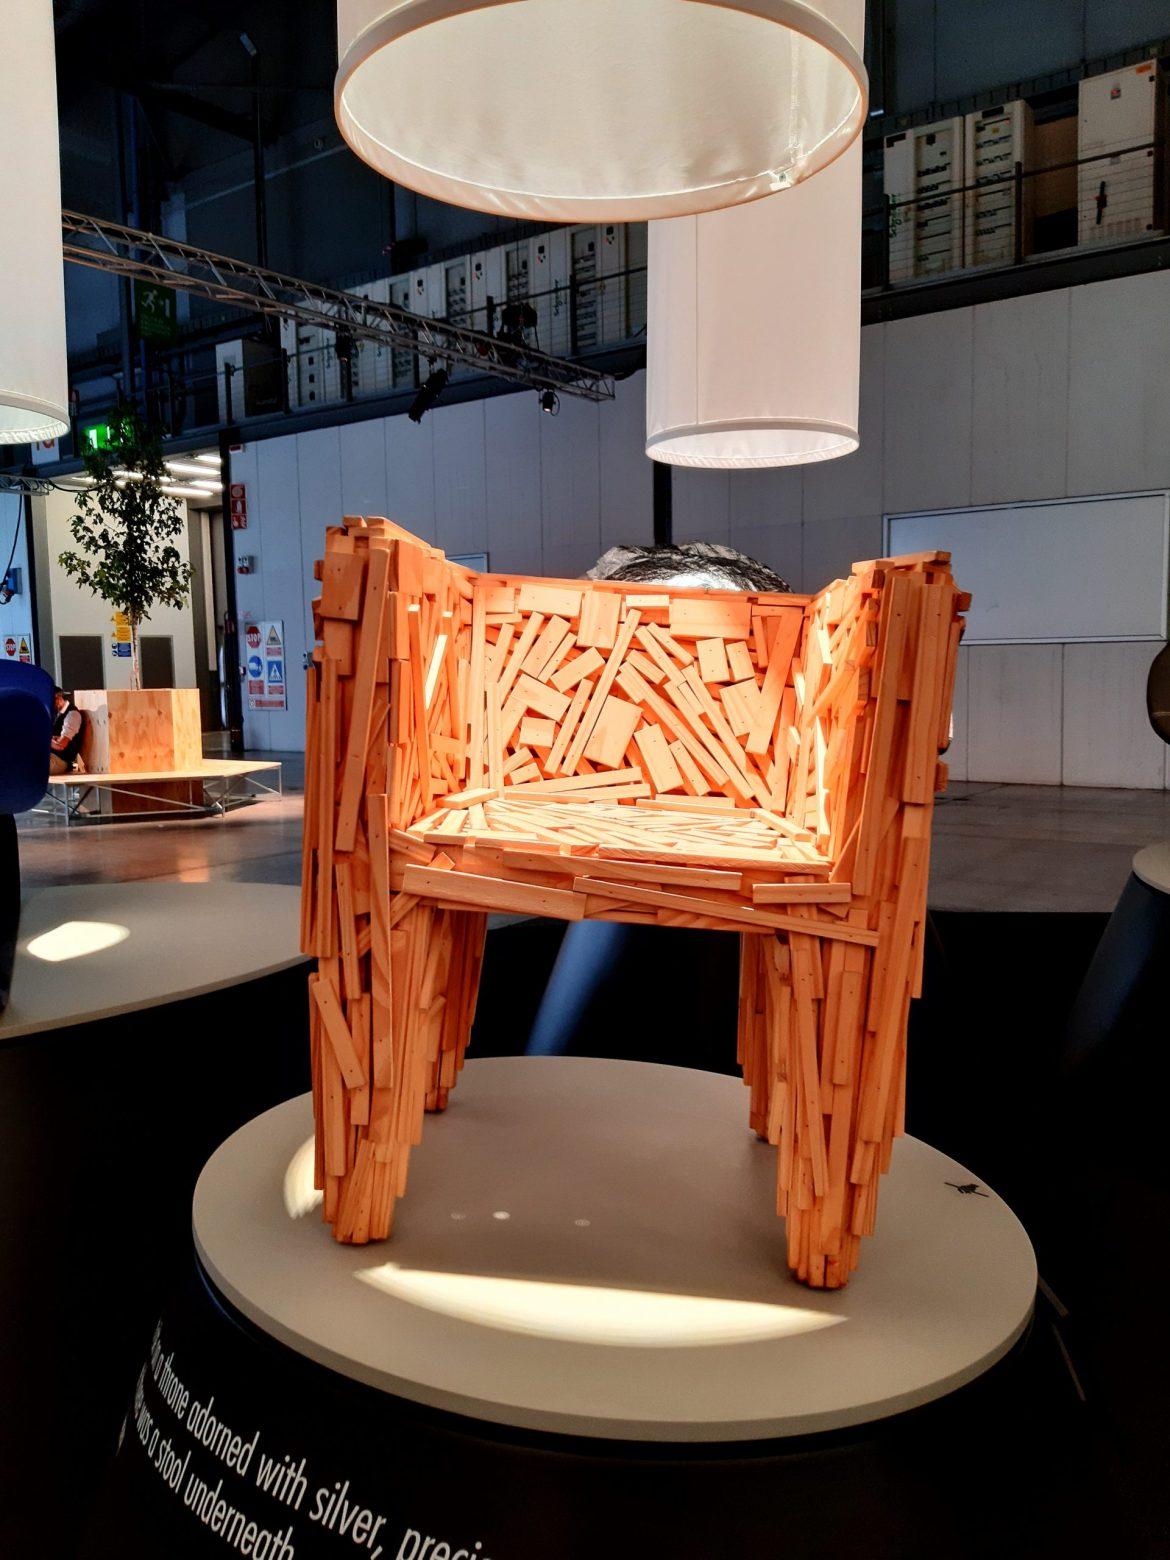 Cadeira favela do designer Humberto Campana em exposição no Salão de Móveis de Milão 2021